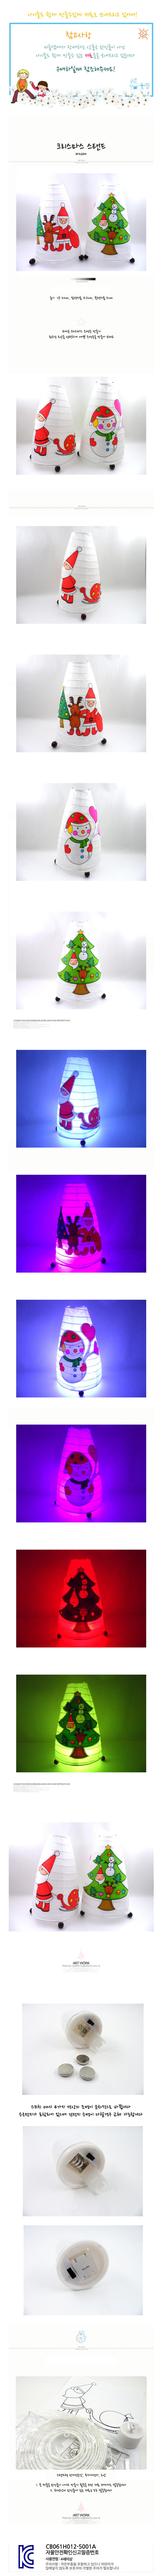 크리스마스 스탠드 (3개묶음판매) / 조명등 장식 - 청양토이, 10,100원, 종이공예/북아트, 종이공예 패키지